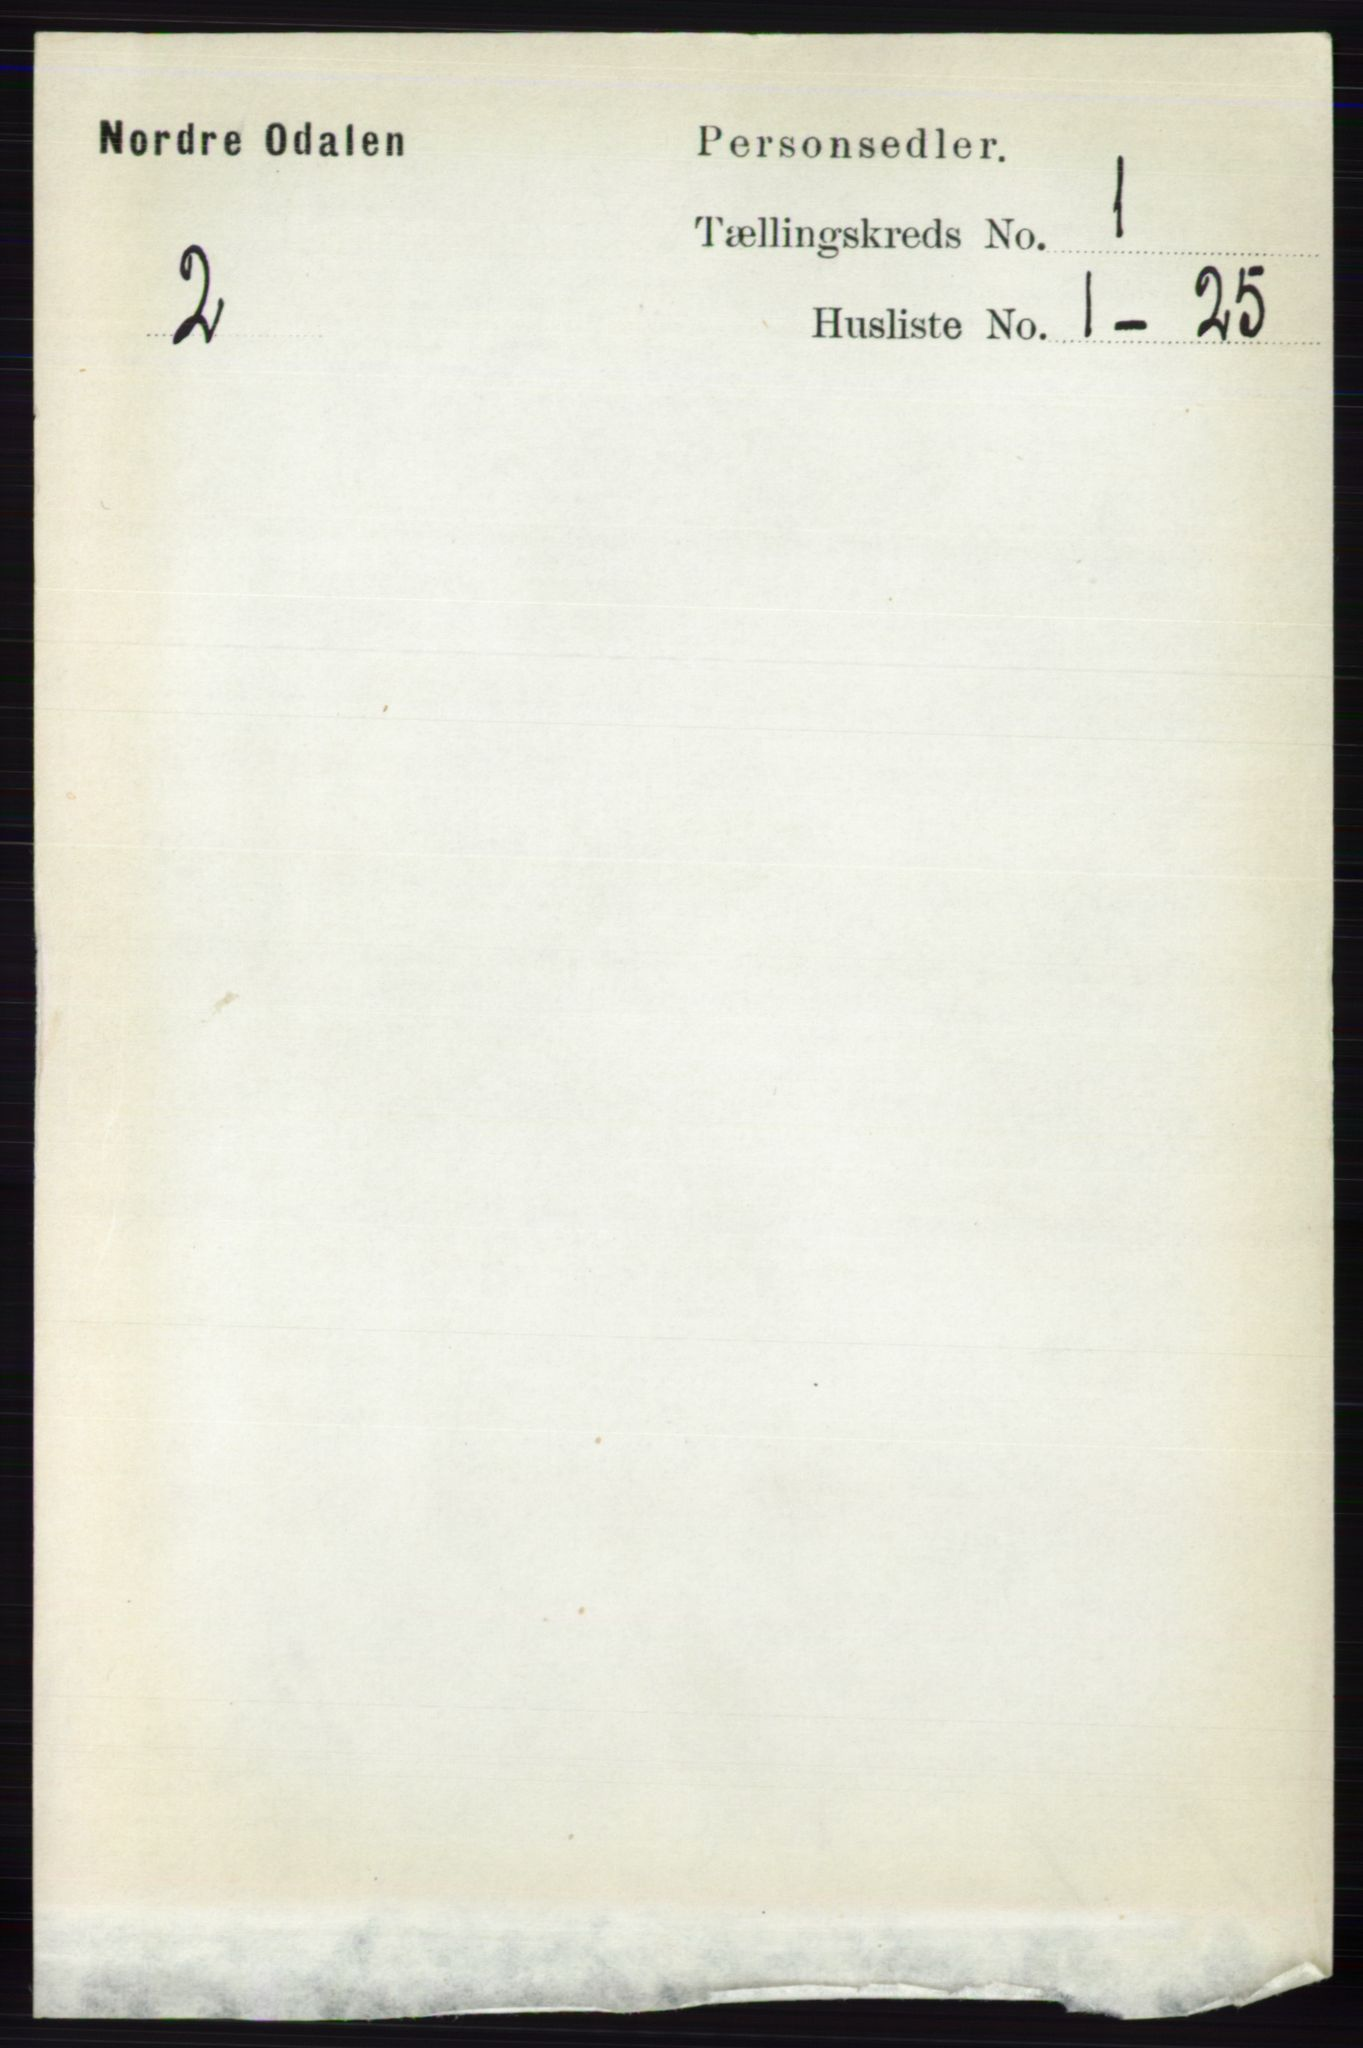 RA, Folketelling 1891 for 0418 Nord-Odal herred, 1891, s. 85